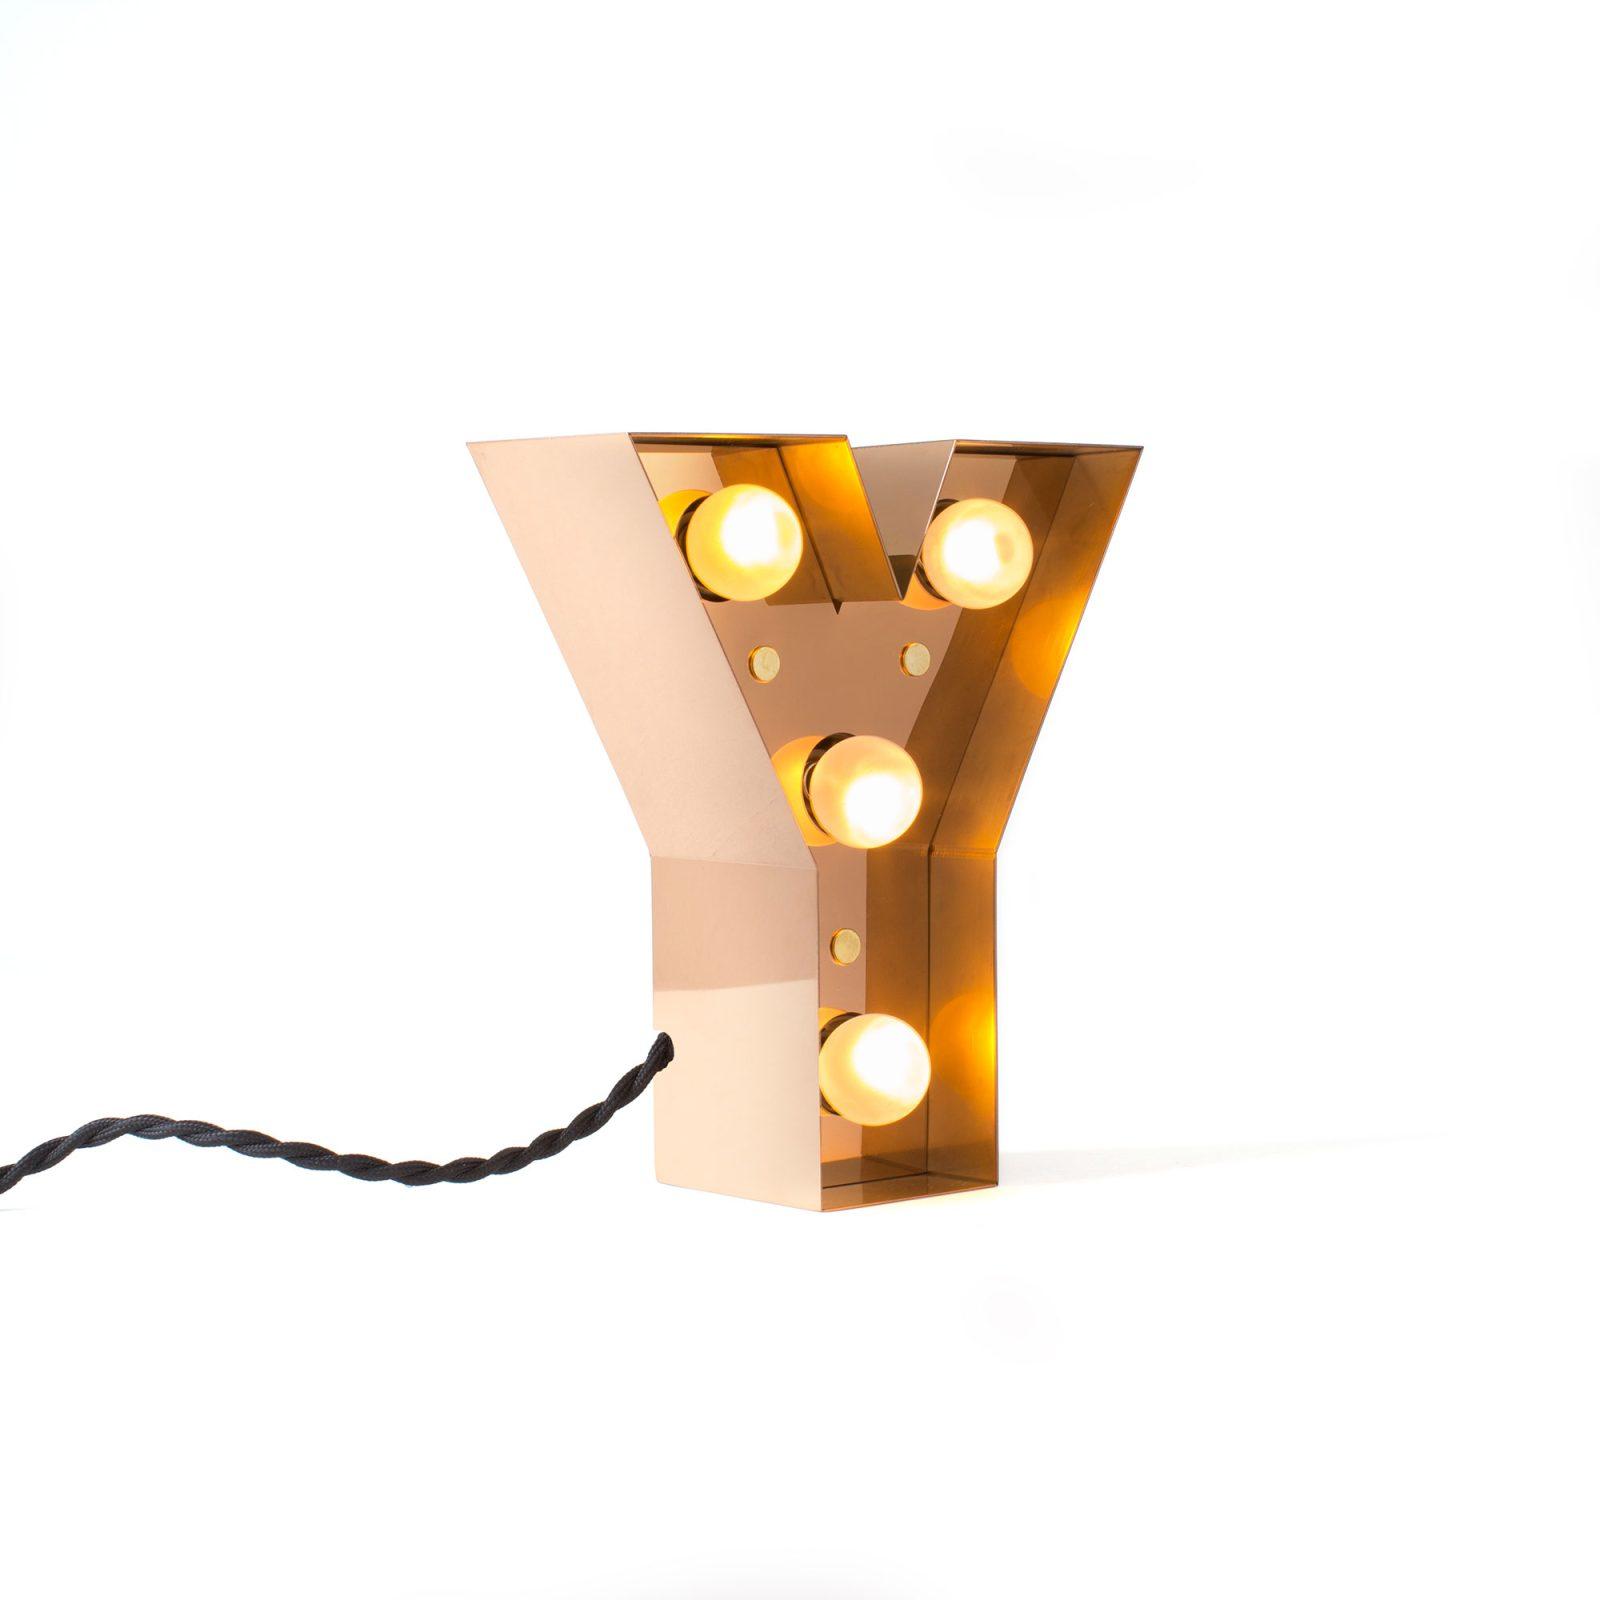 Caractère Alphabet Lights, Y-34844